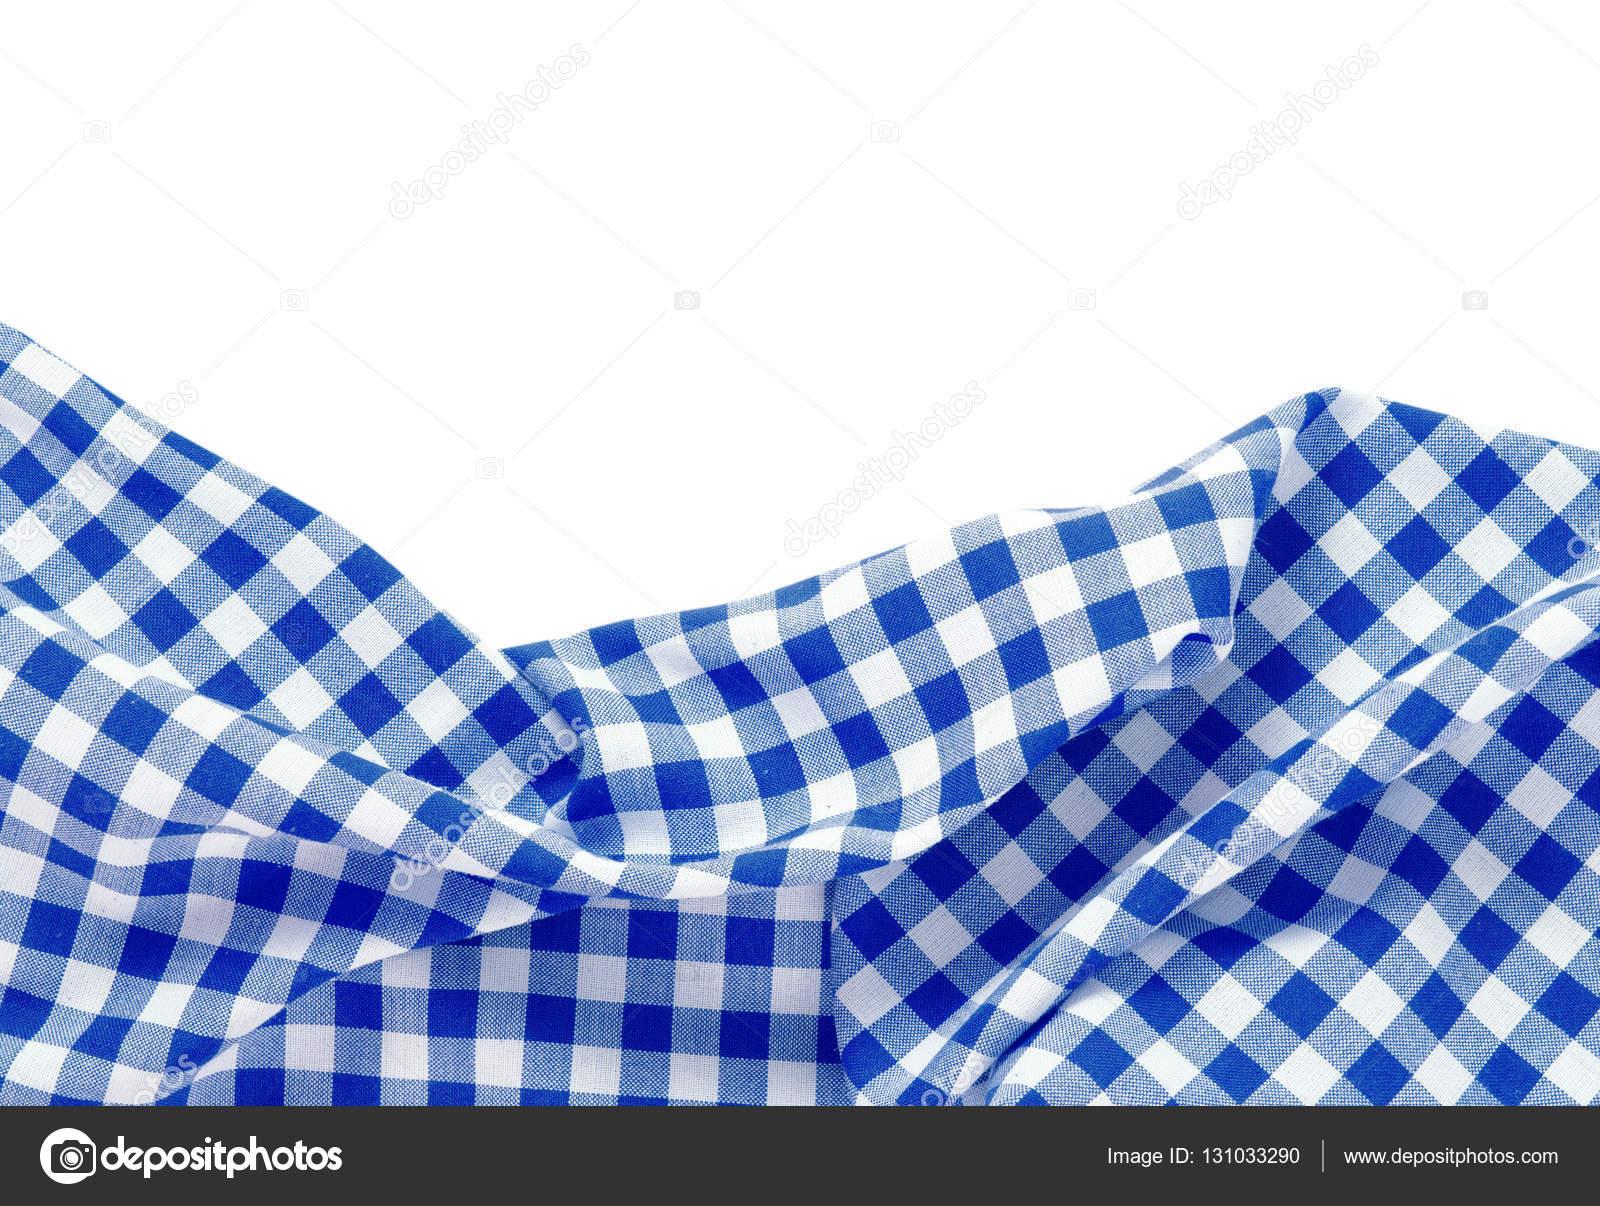 Picknick-Tuch-Rahmen isoliert — Stockfoto © NYS #131033290